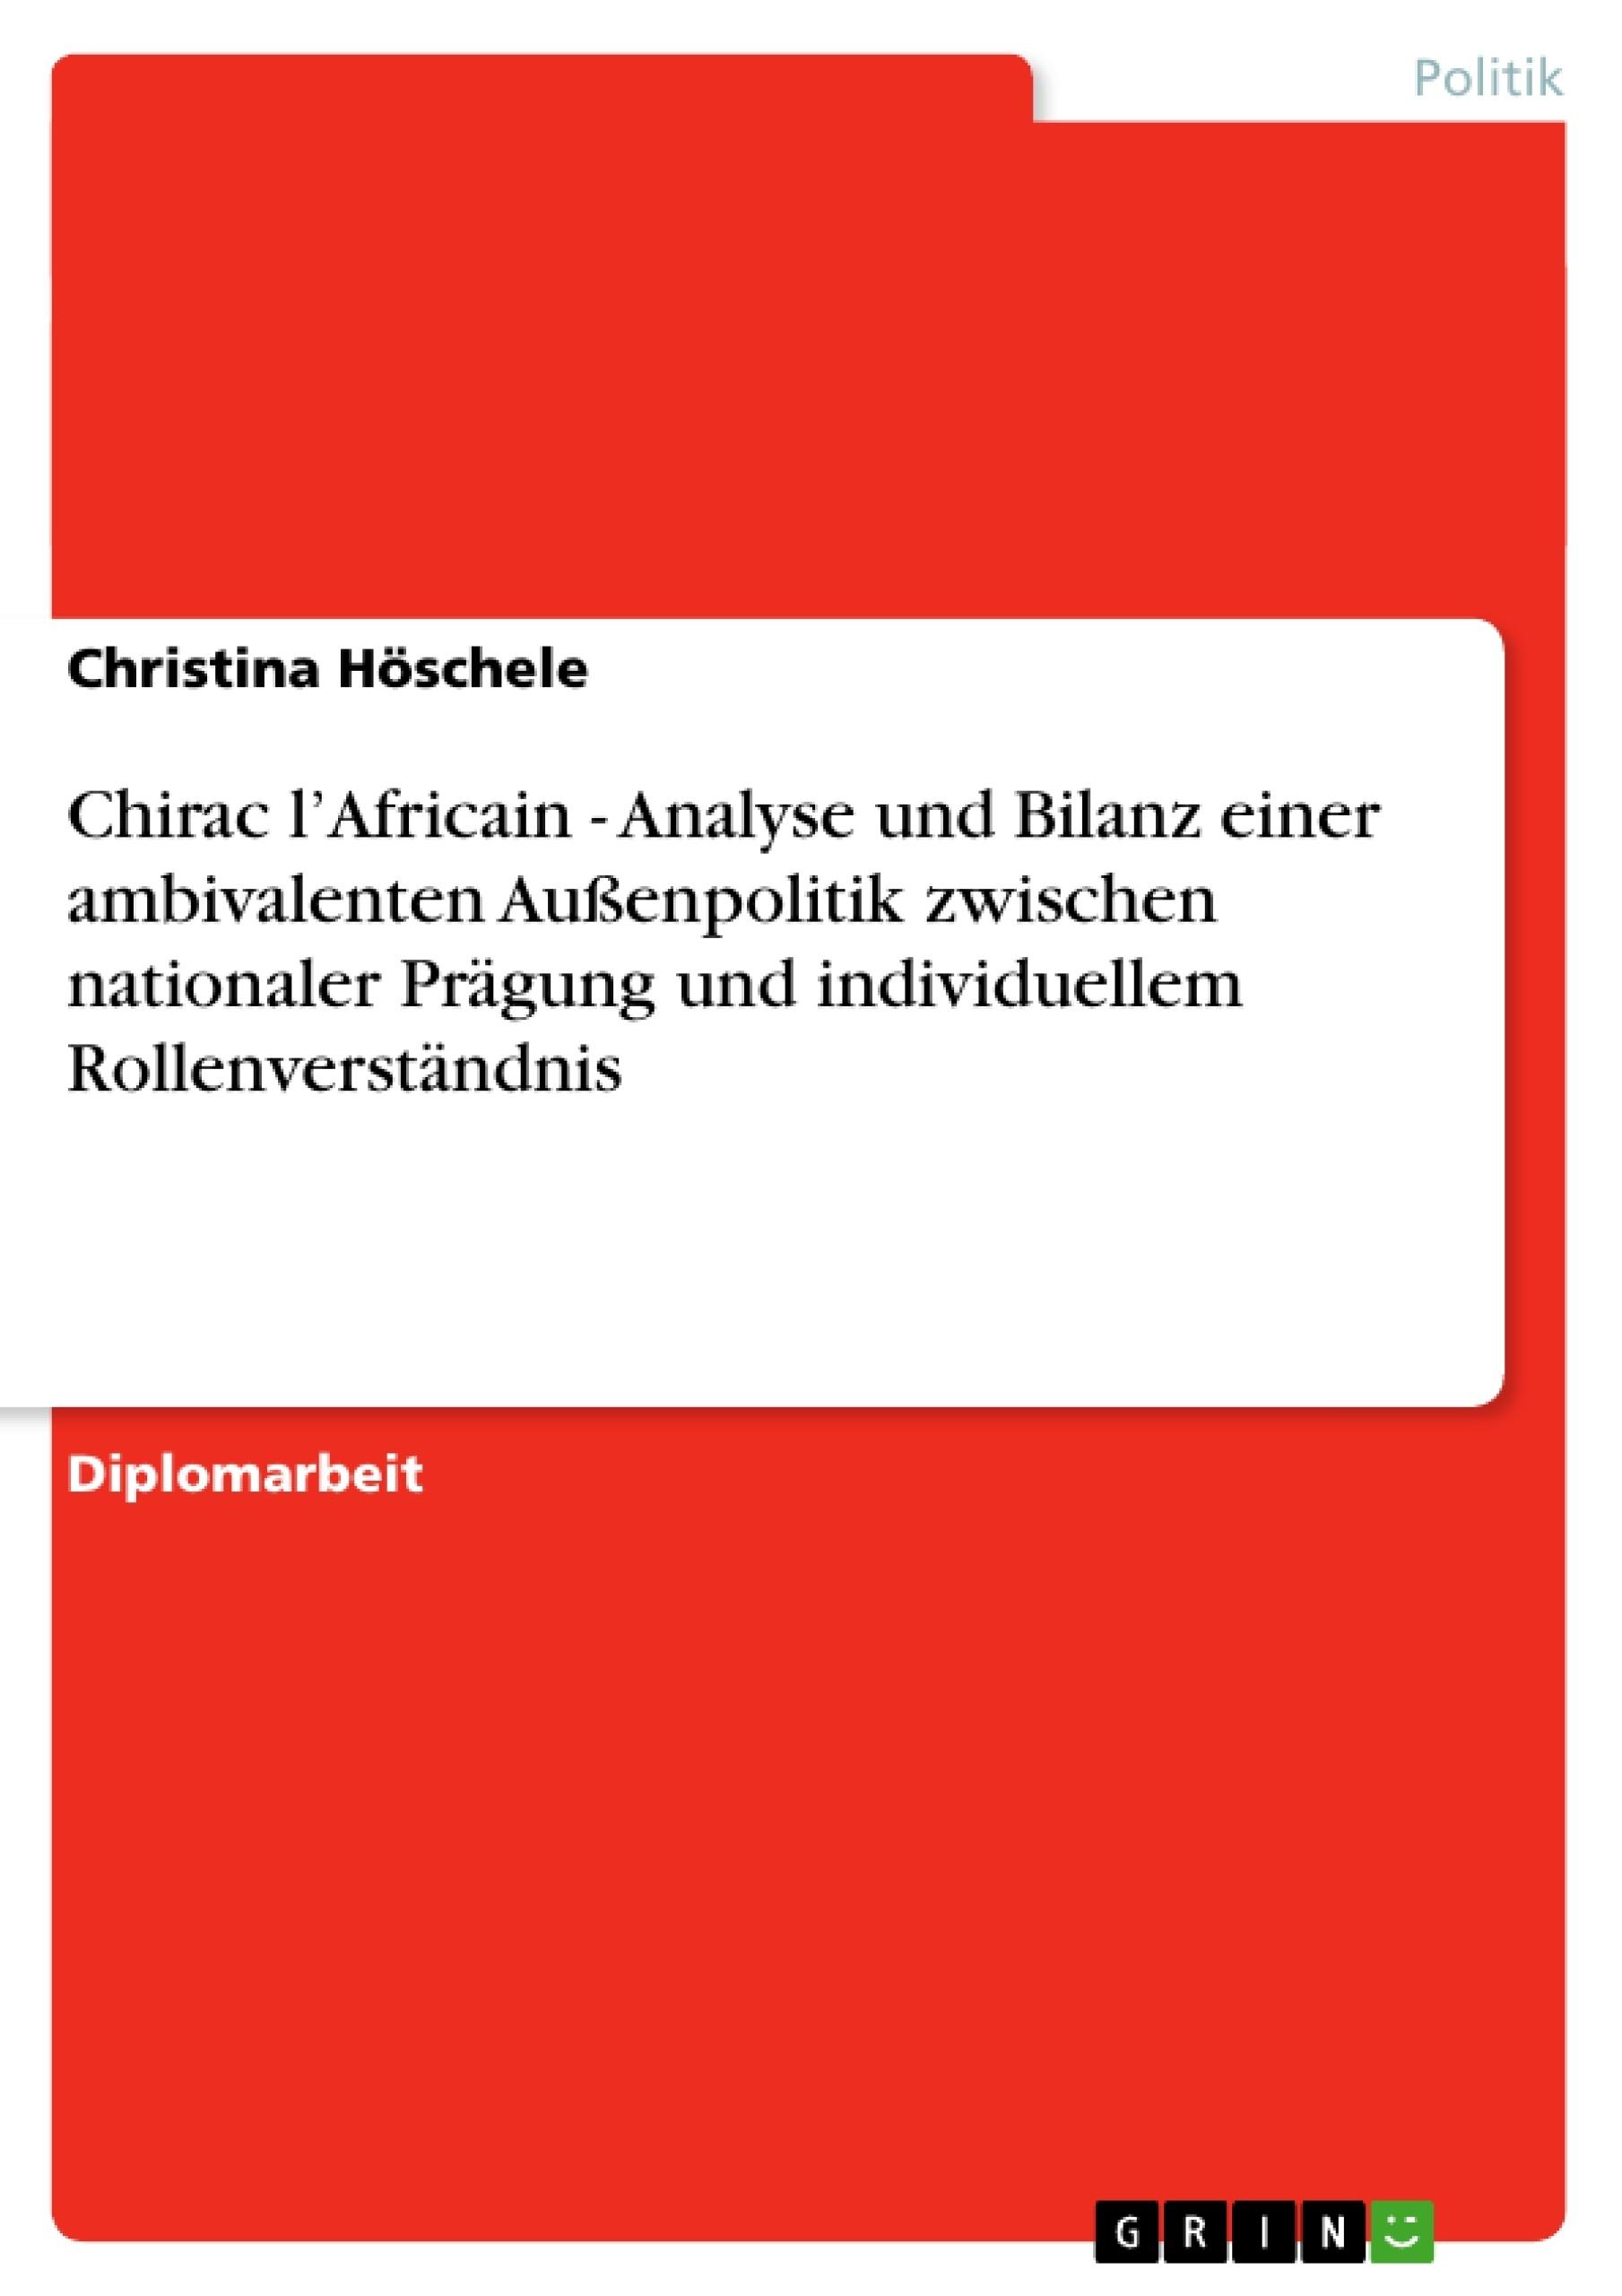 Titel: Chirac l'Africain - Analyse und Bilanz einer ambivalenten Außenpolitik zwischen nationaler Prägung und individuellem Rollenverständnis